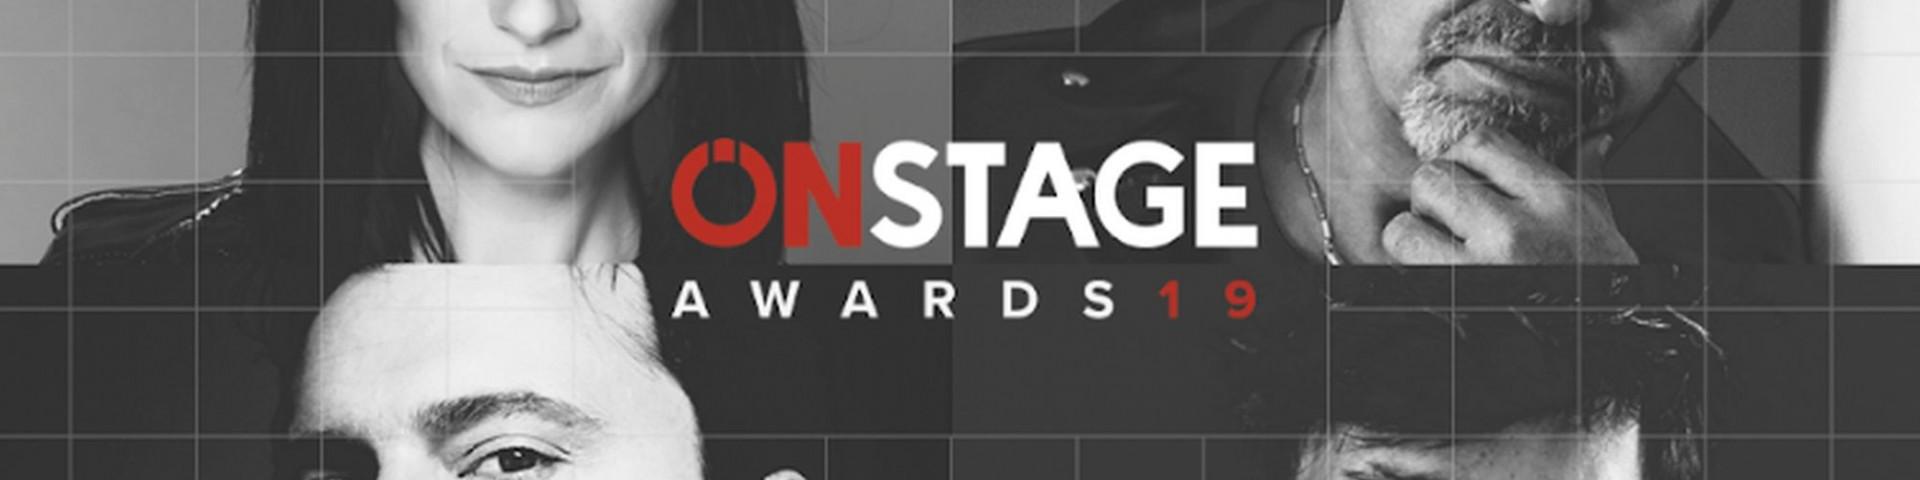 Onstage Awards 2019: vincono Laura Pausini, Cesare Cremonini, Ultimo e Vasco Rossi